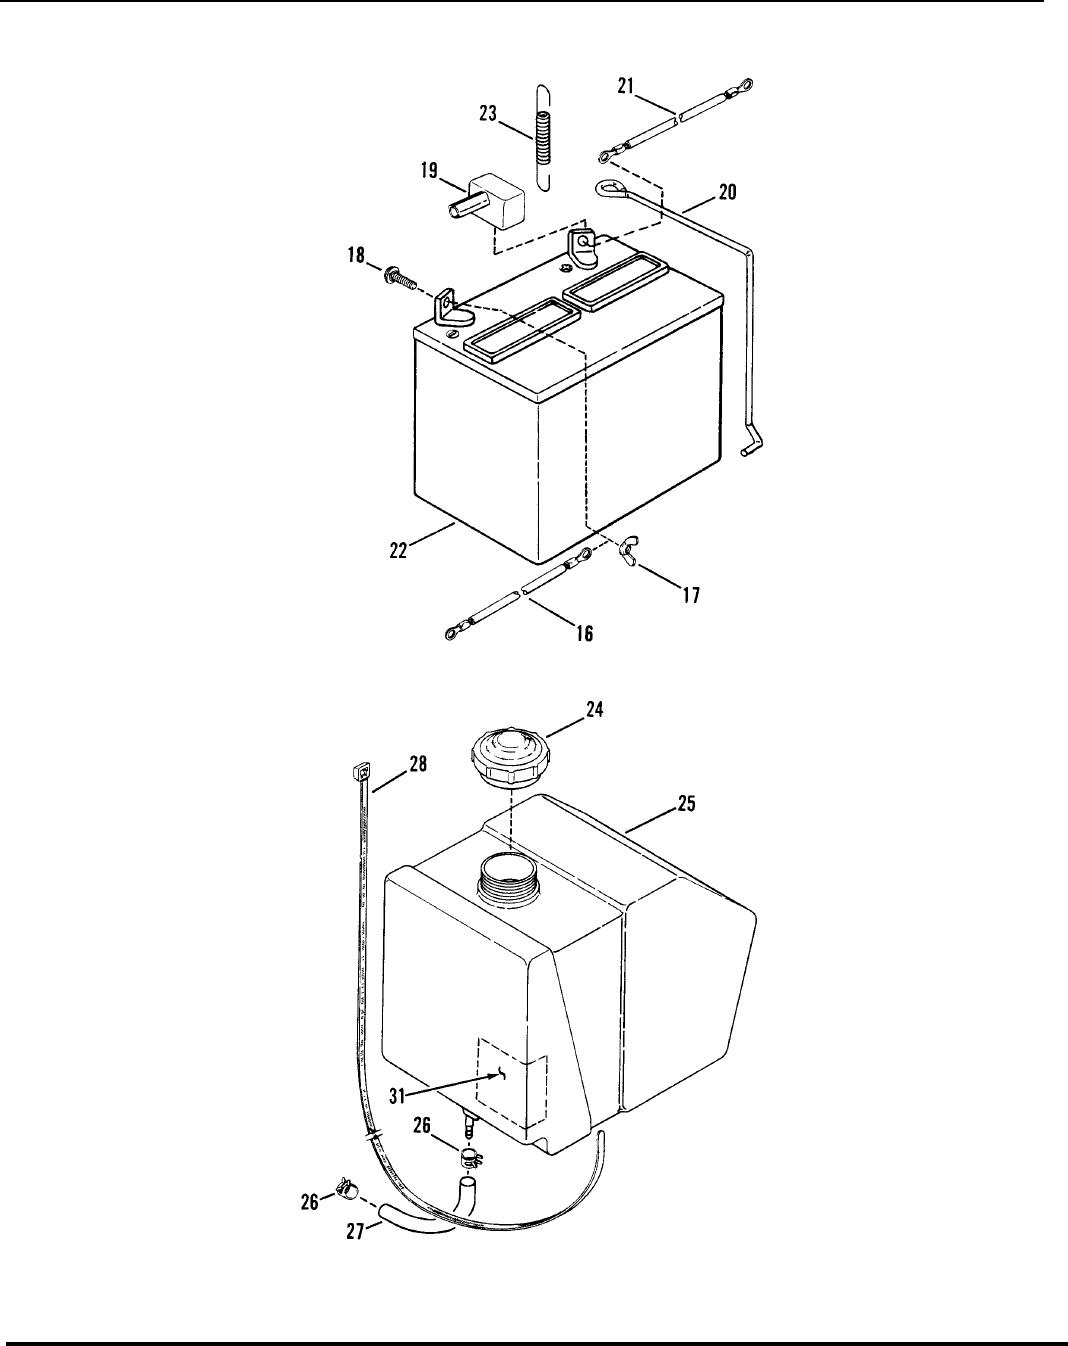 Snapper Elt160H422Bv Users Manual PartsManual